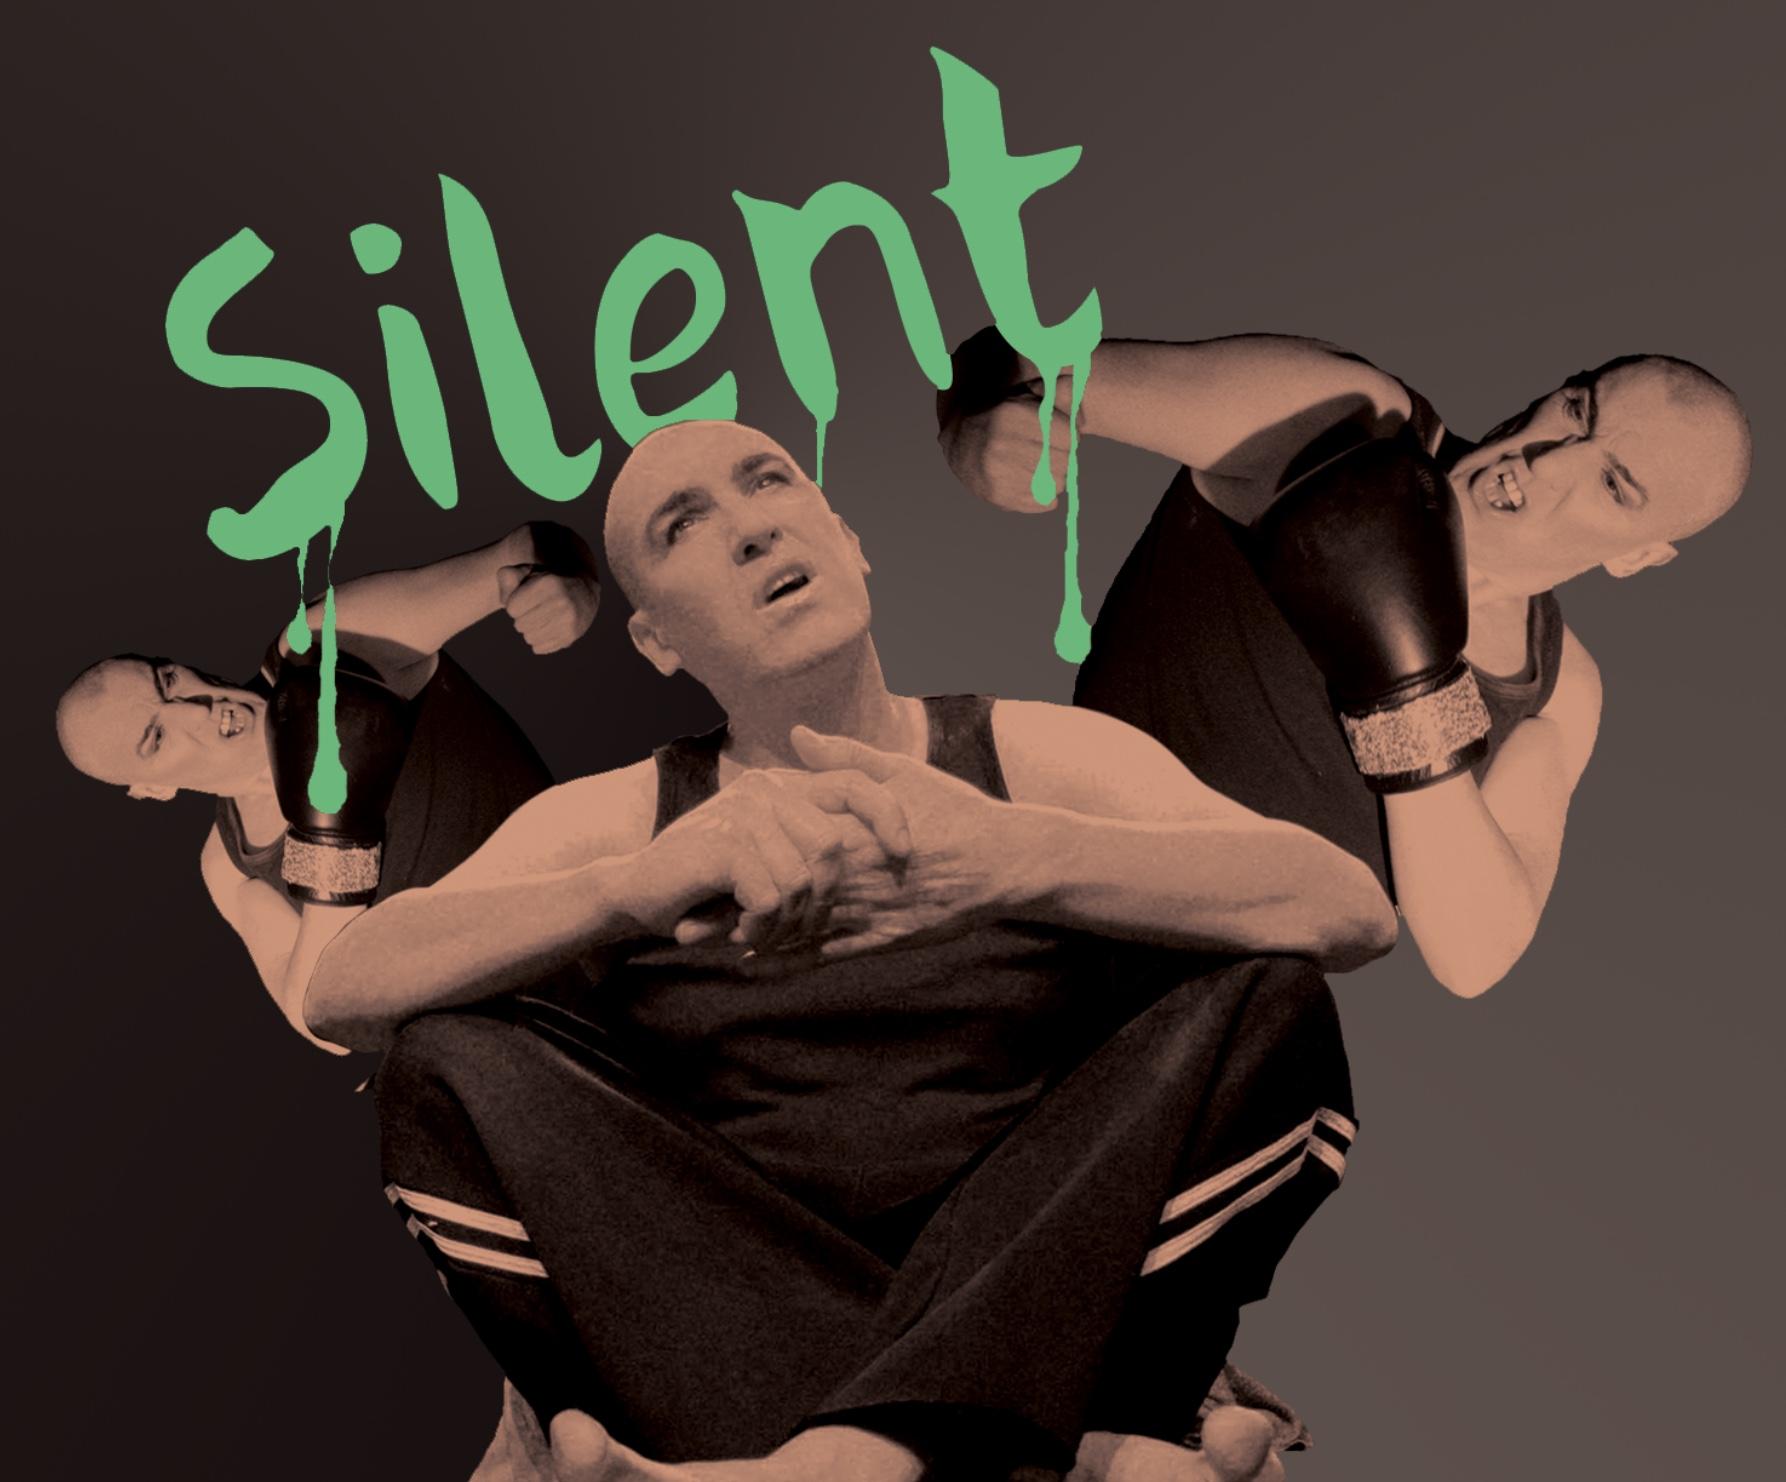 Silent by Pat Kinevan